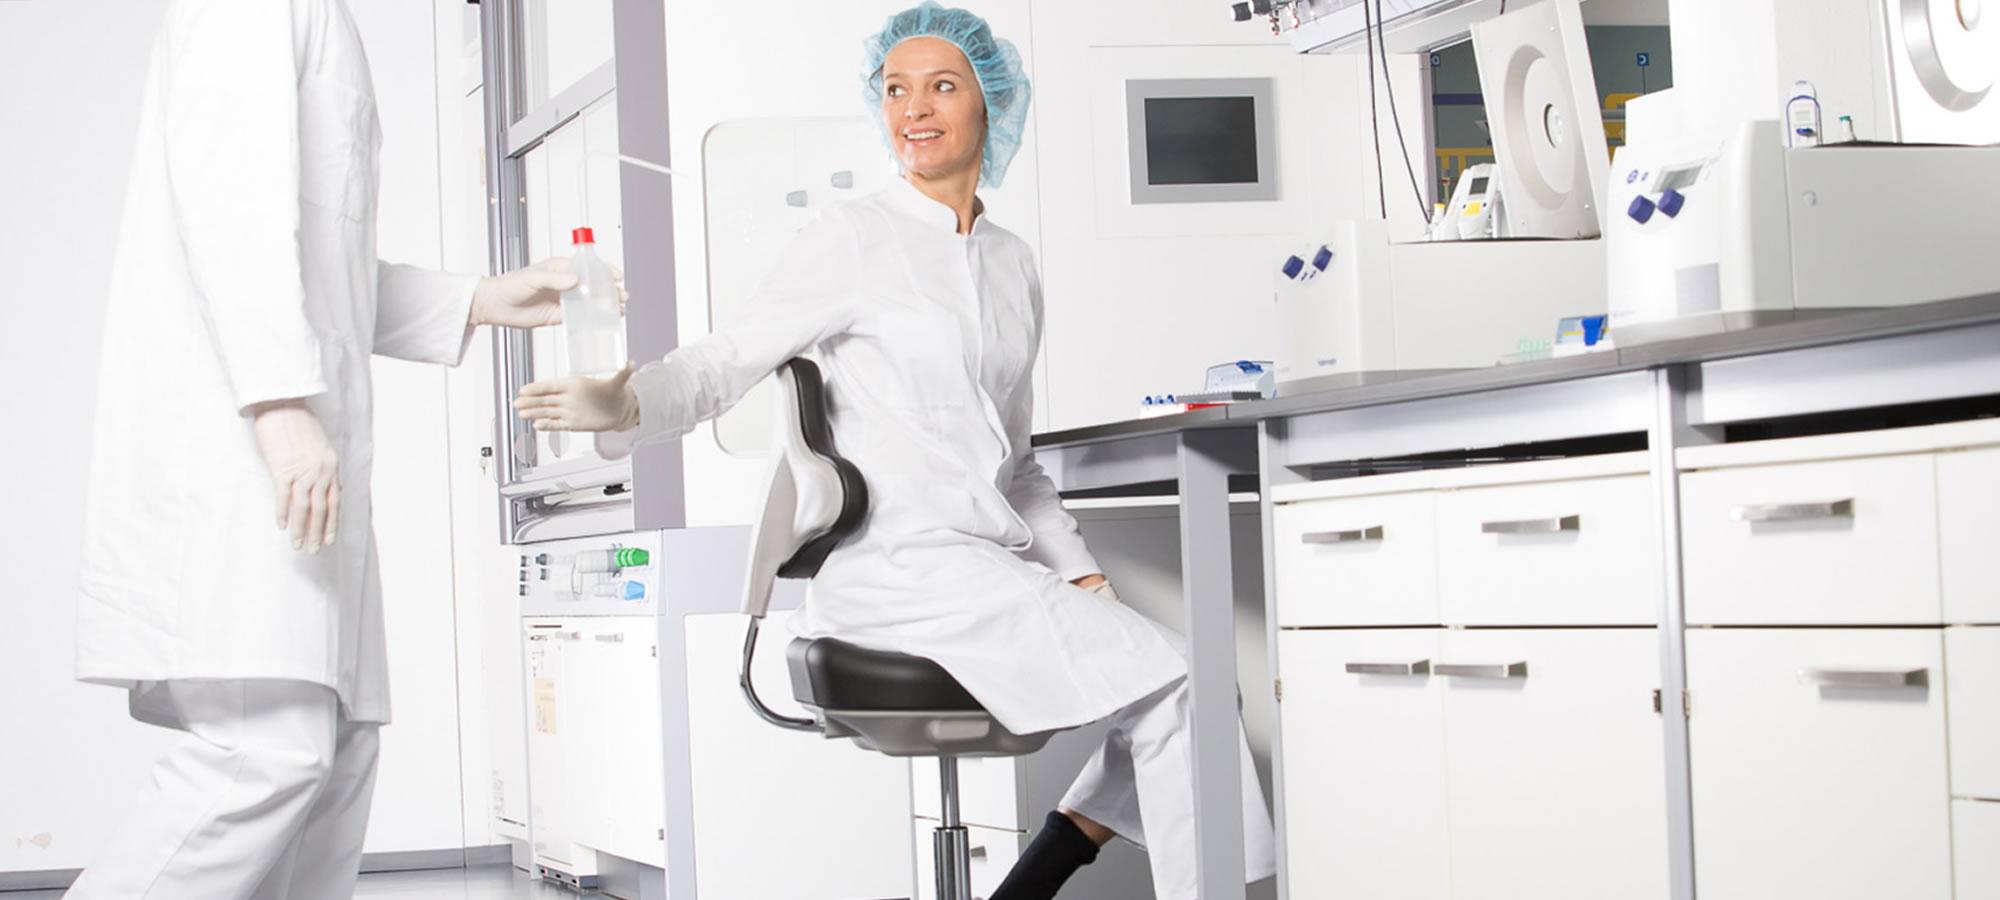 Inrichting voor laboratorium en medische ruimte